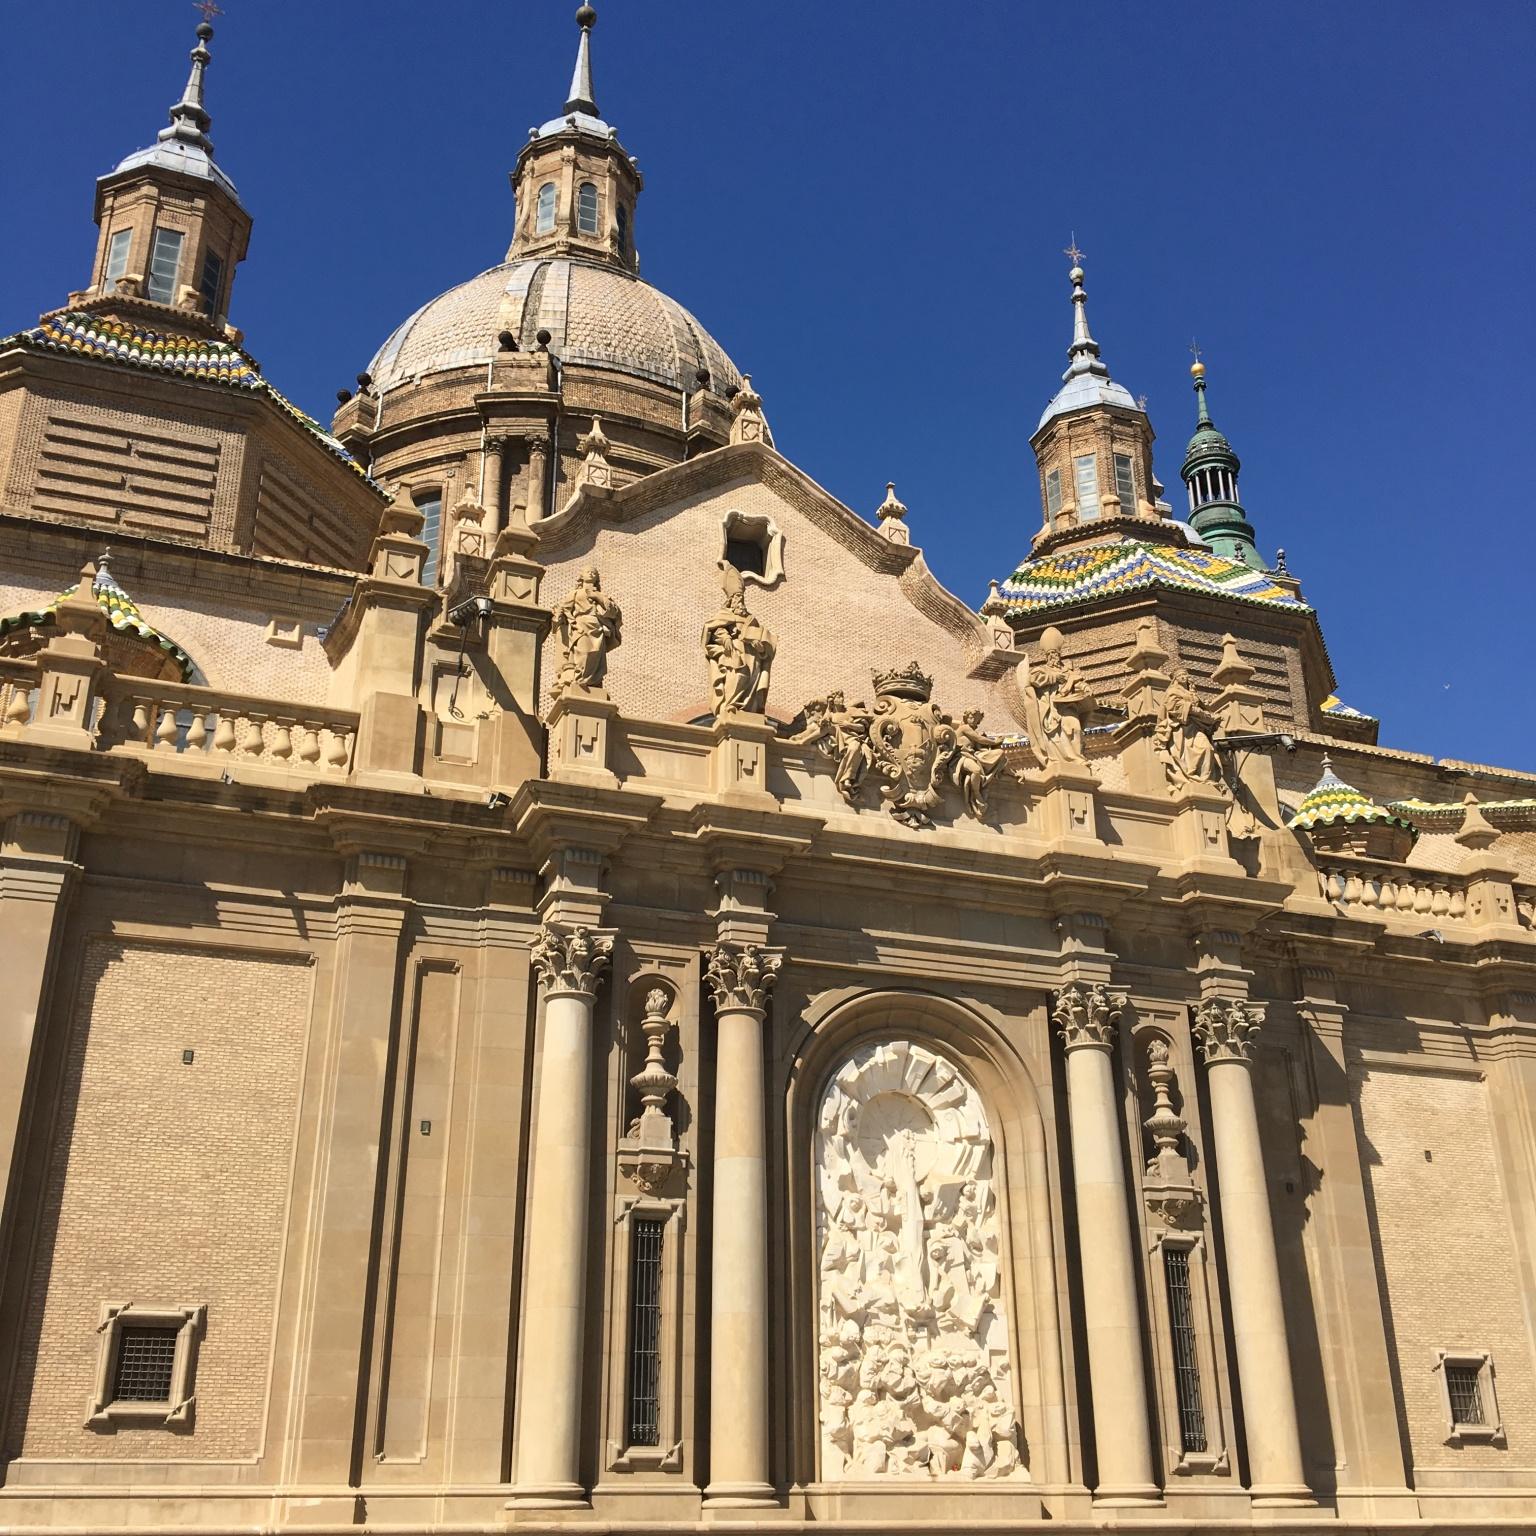 Nuestra Señora del Pilar basilica